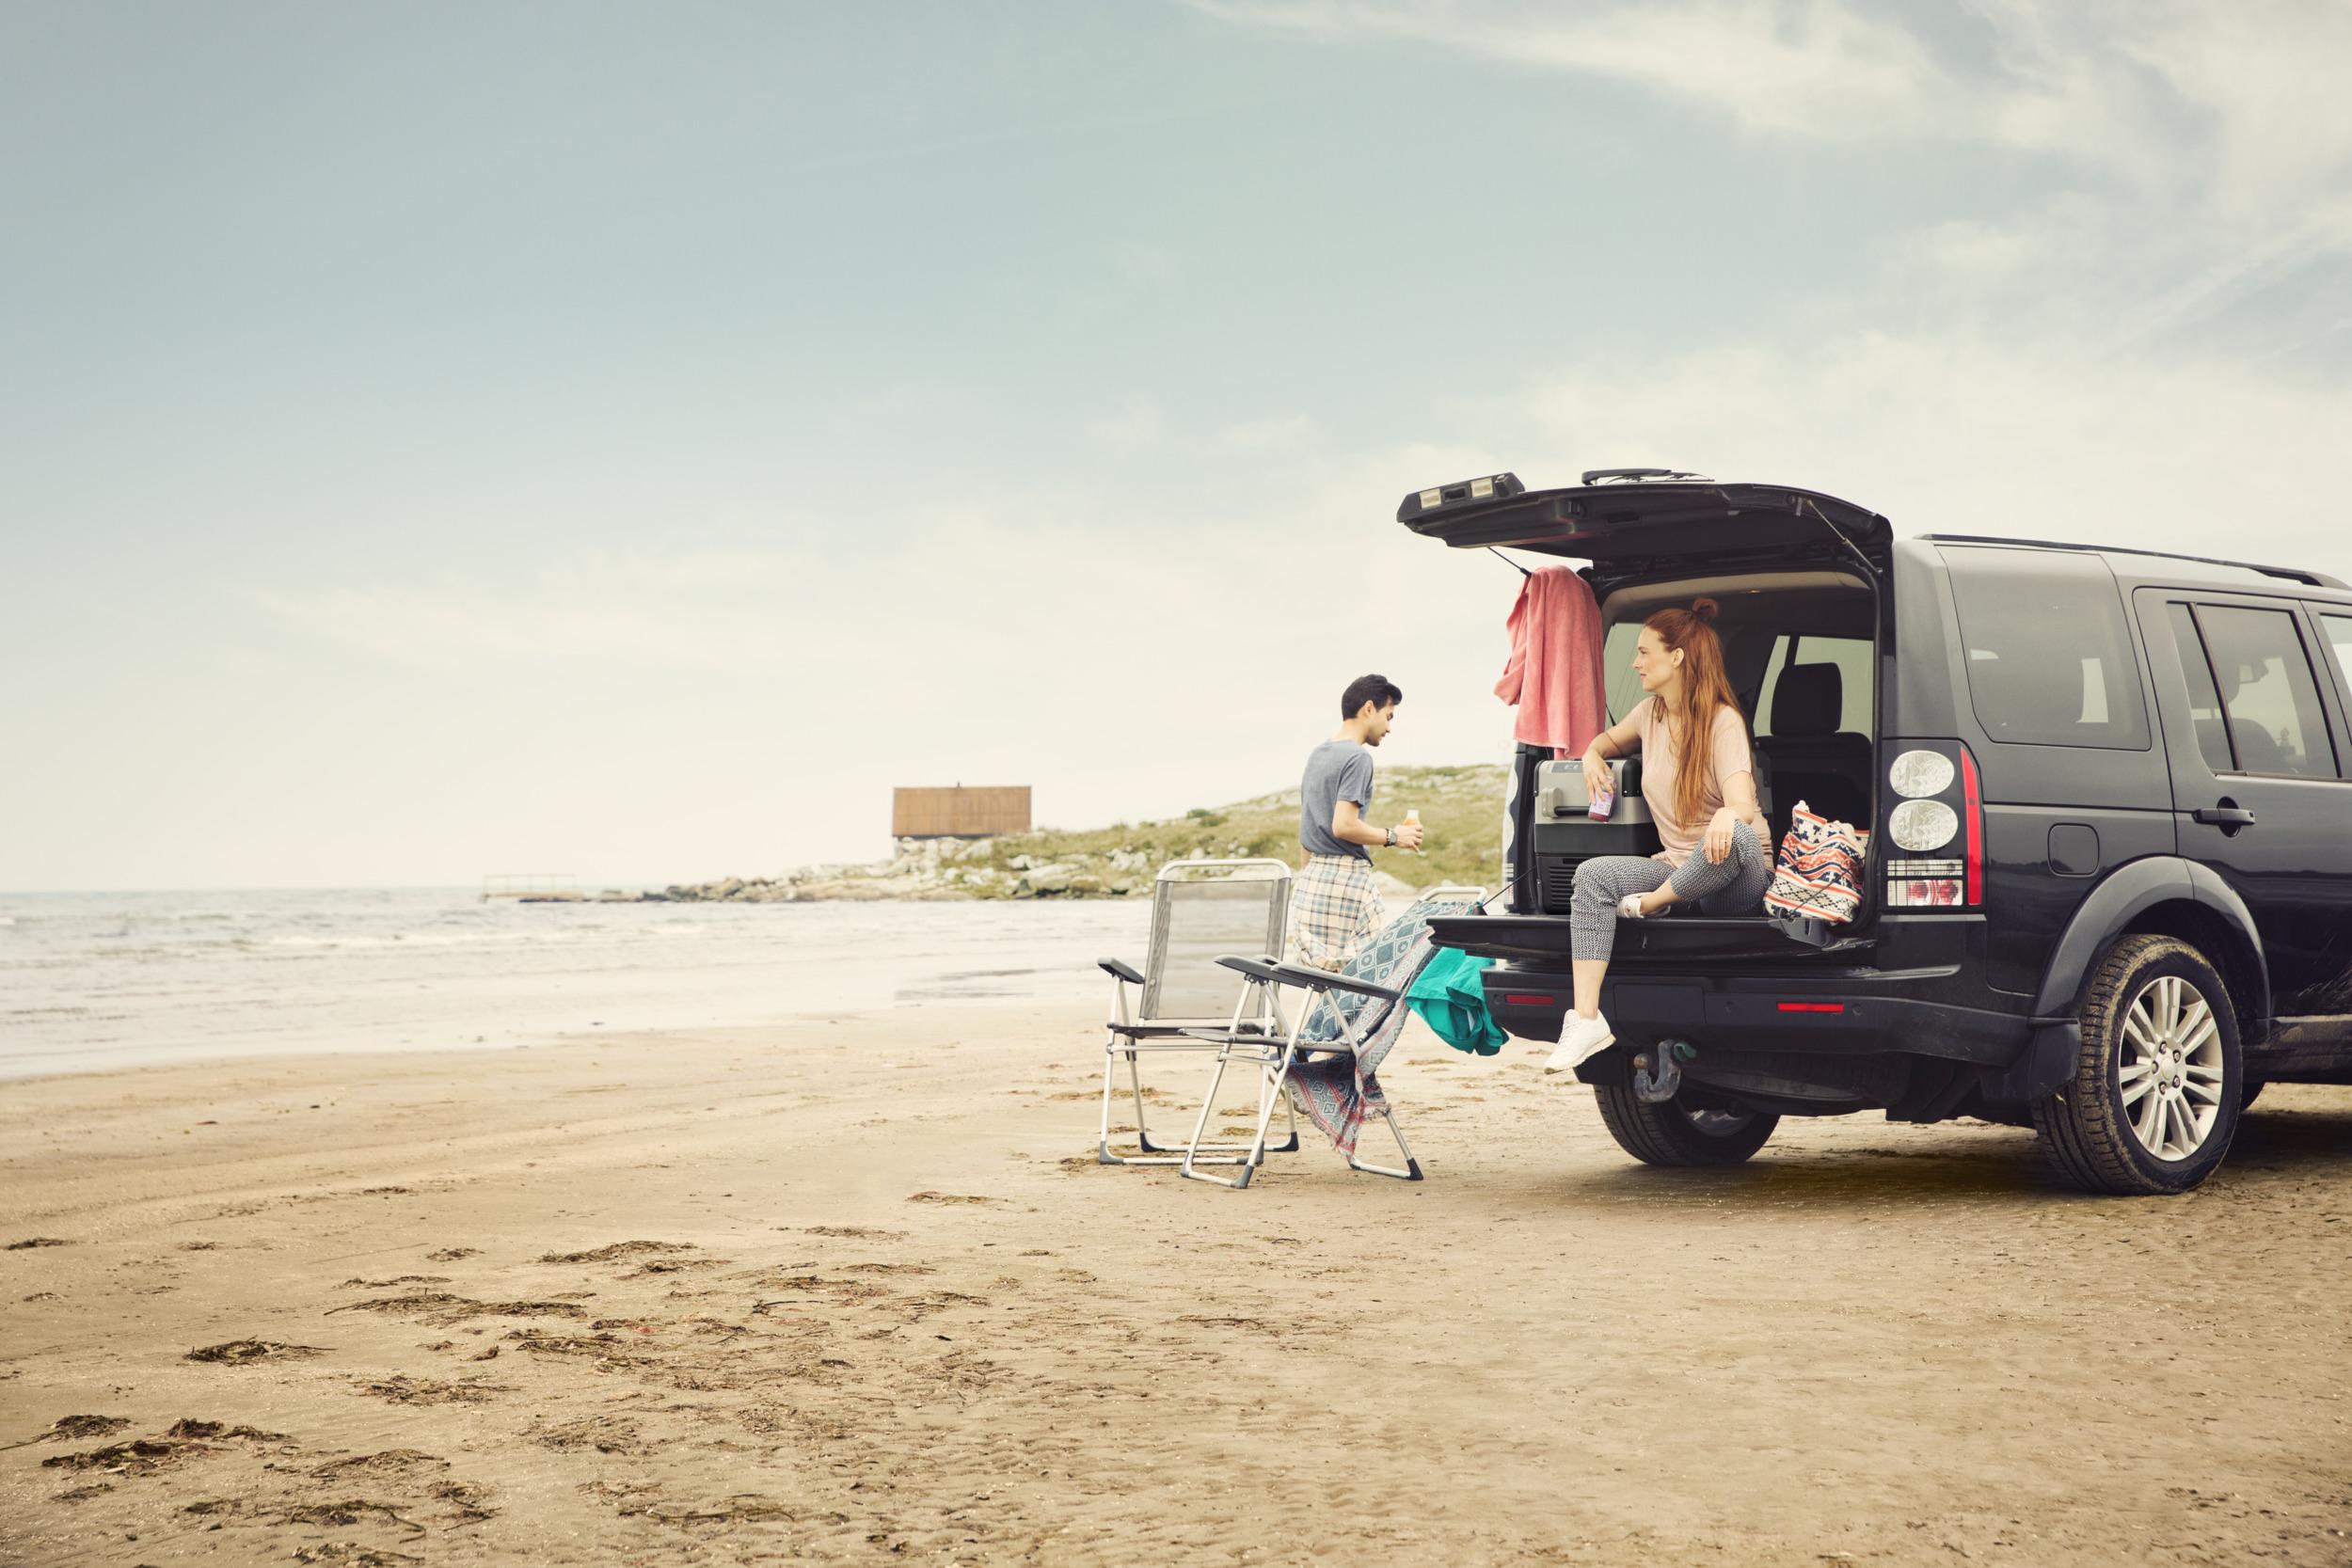 Auto Kühlschrank 12v Media Markt : ᐅ elektrische kühlboxen für camping auto dometic